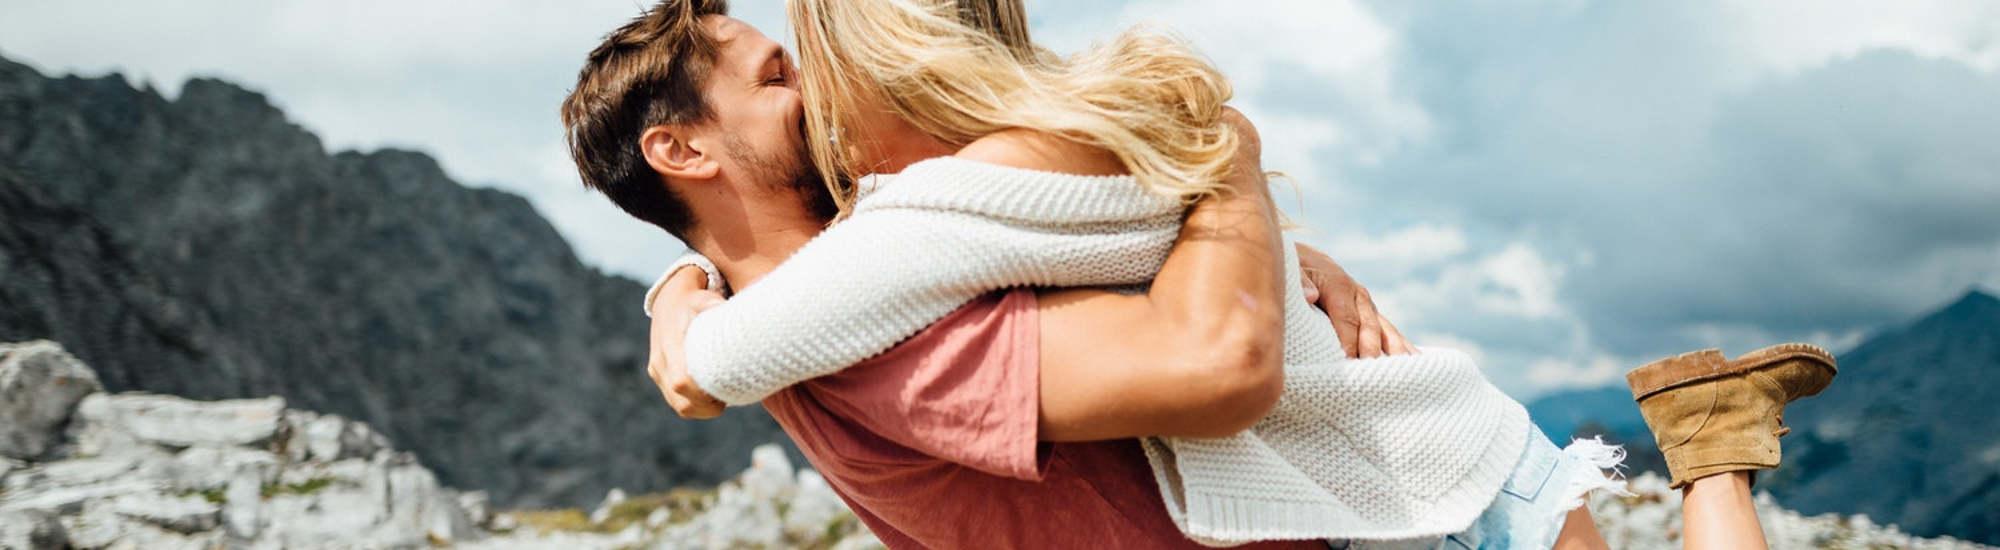 """Com tema """"Procuram-se Histórias de Amor"""", encontro Devaneios Filosóficos acontece em setembro"""